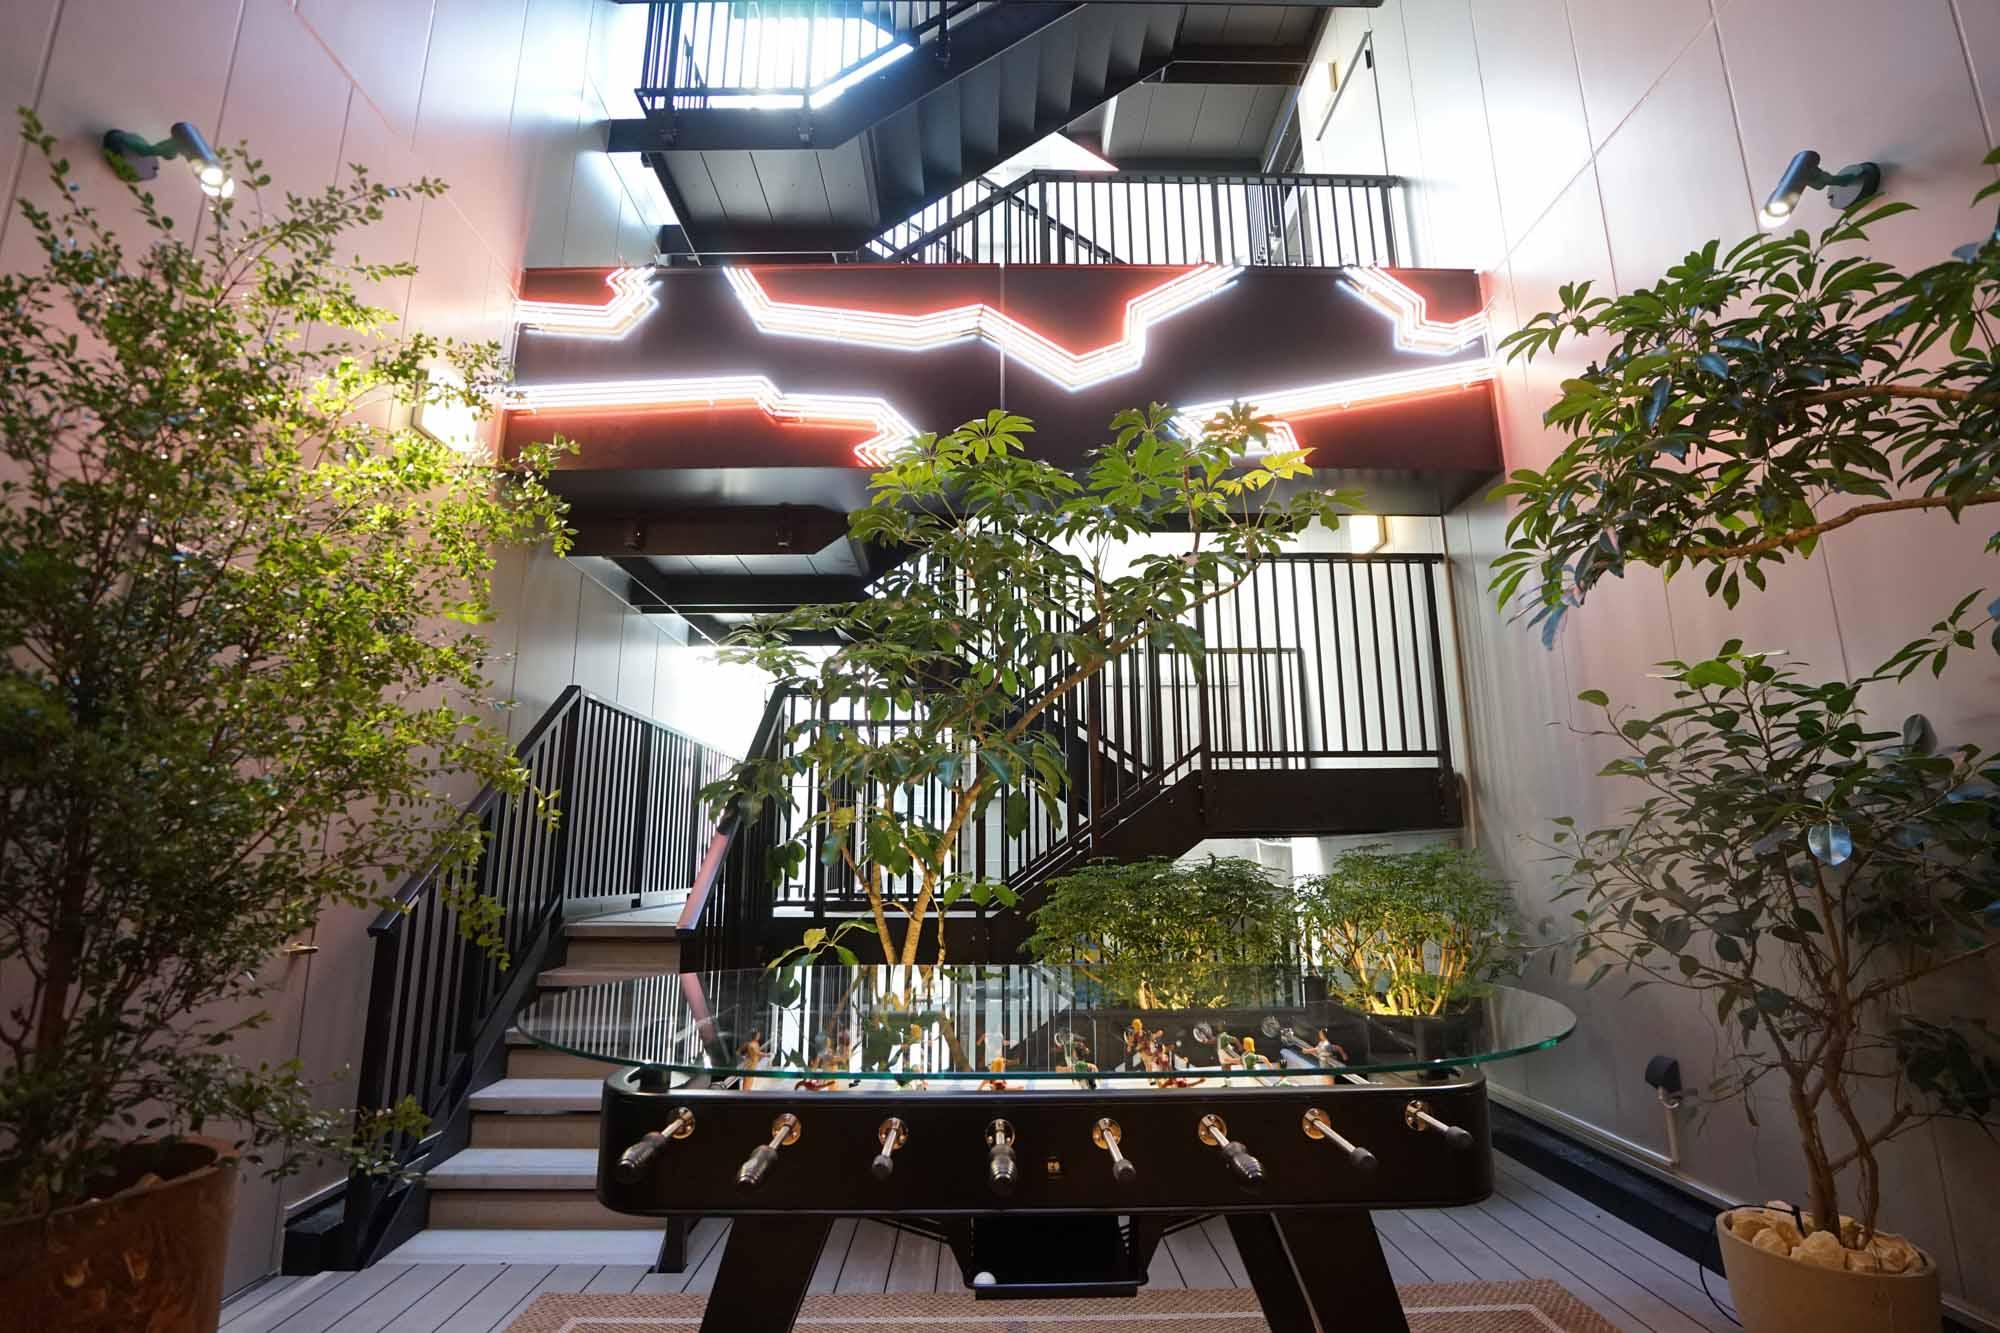 9月1日オープン!ノーガホテル 秋葉原 東京 宿泊レビュー!アートと音楽、美食に囲まれて、感性を磨く暮らしをしませんか